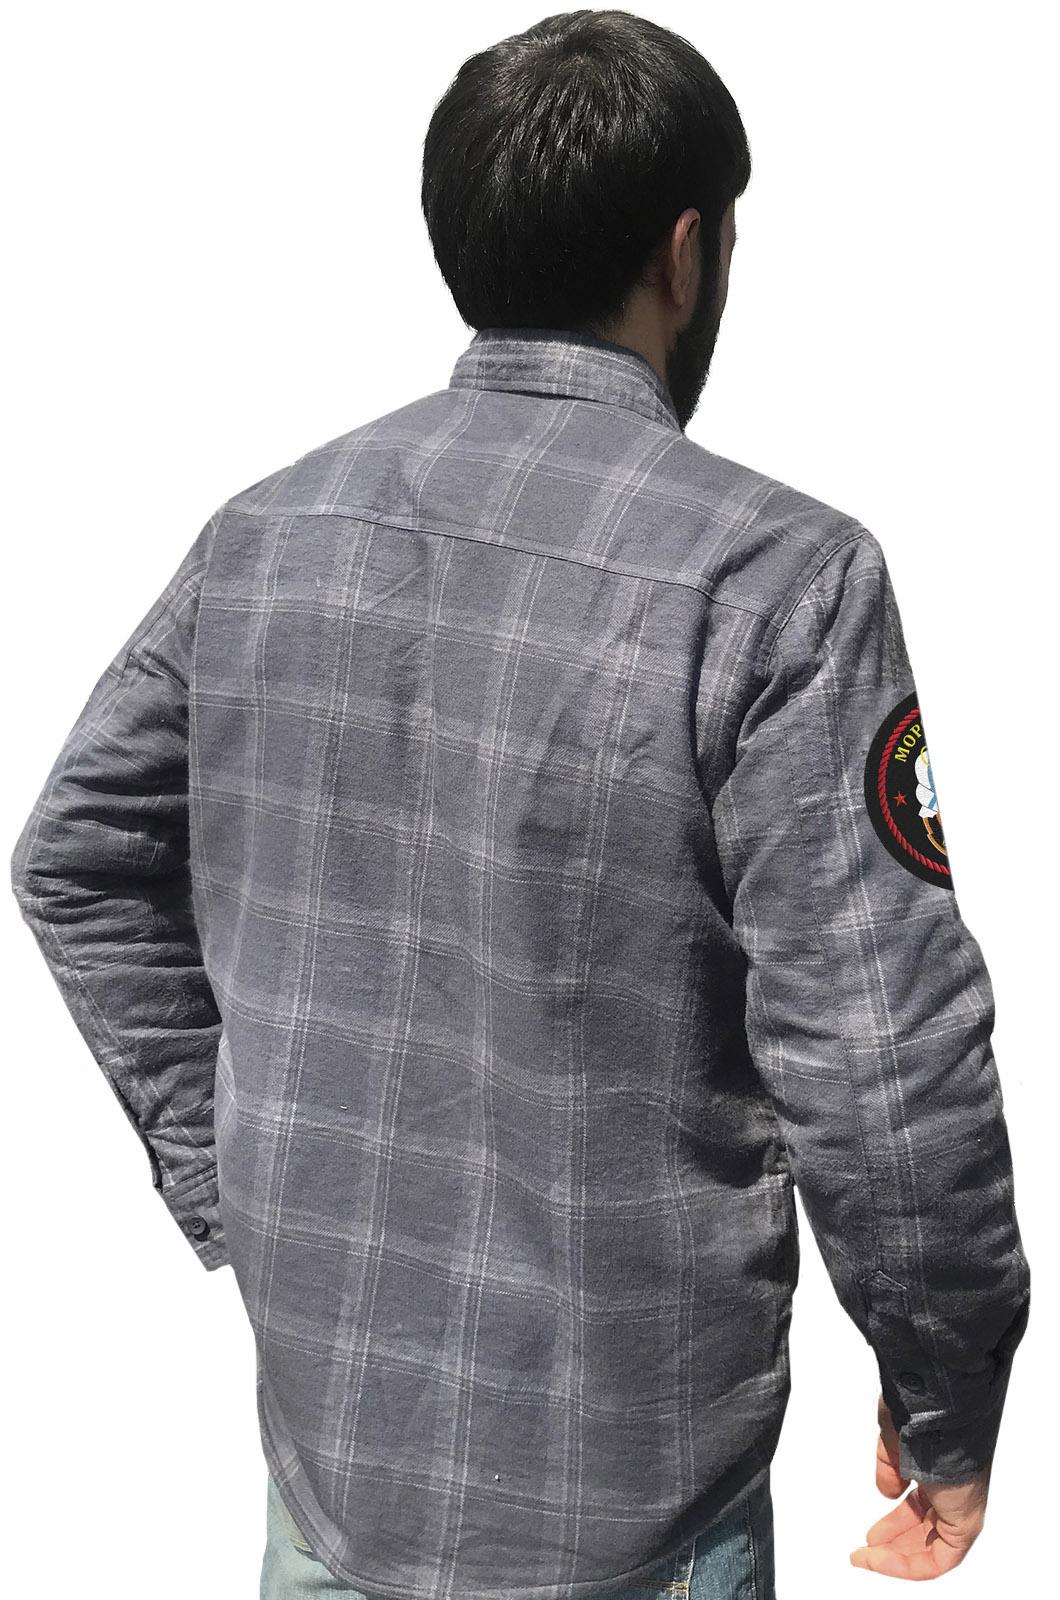 Зачетная рубашка Морская пехота Северный флот заказать в подарок